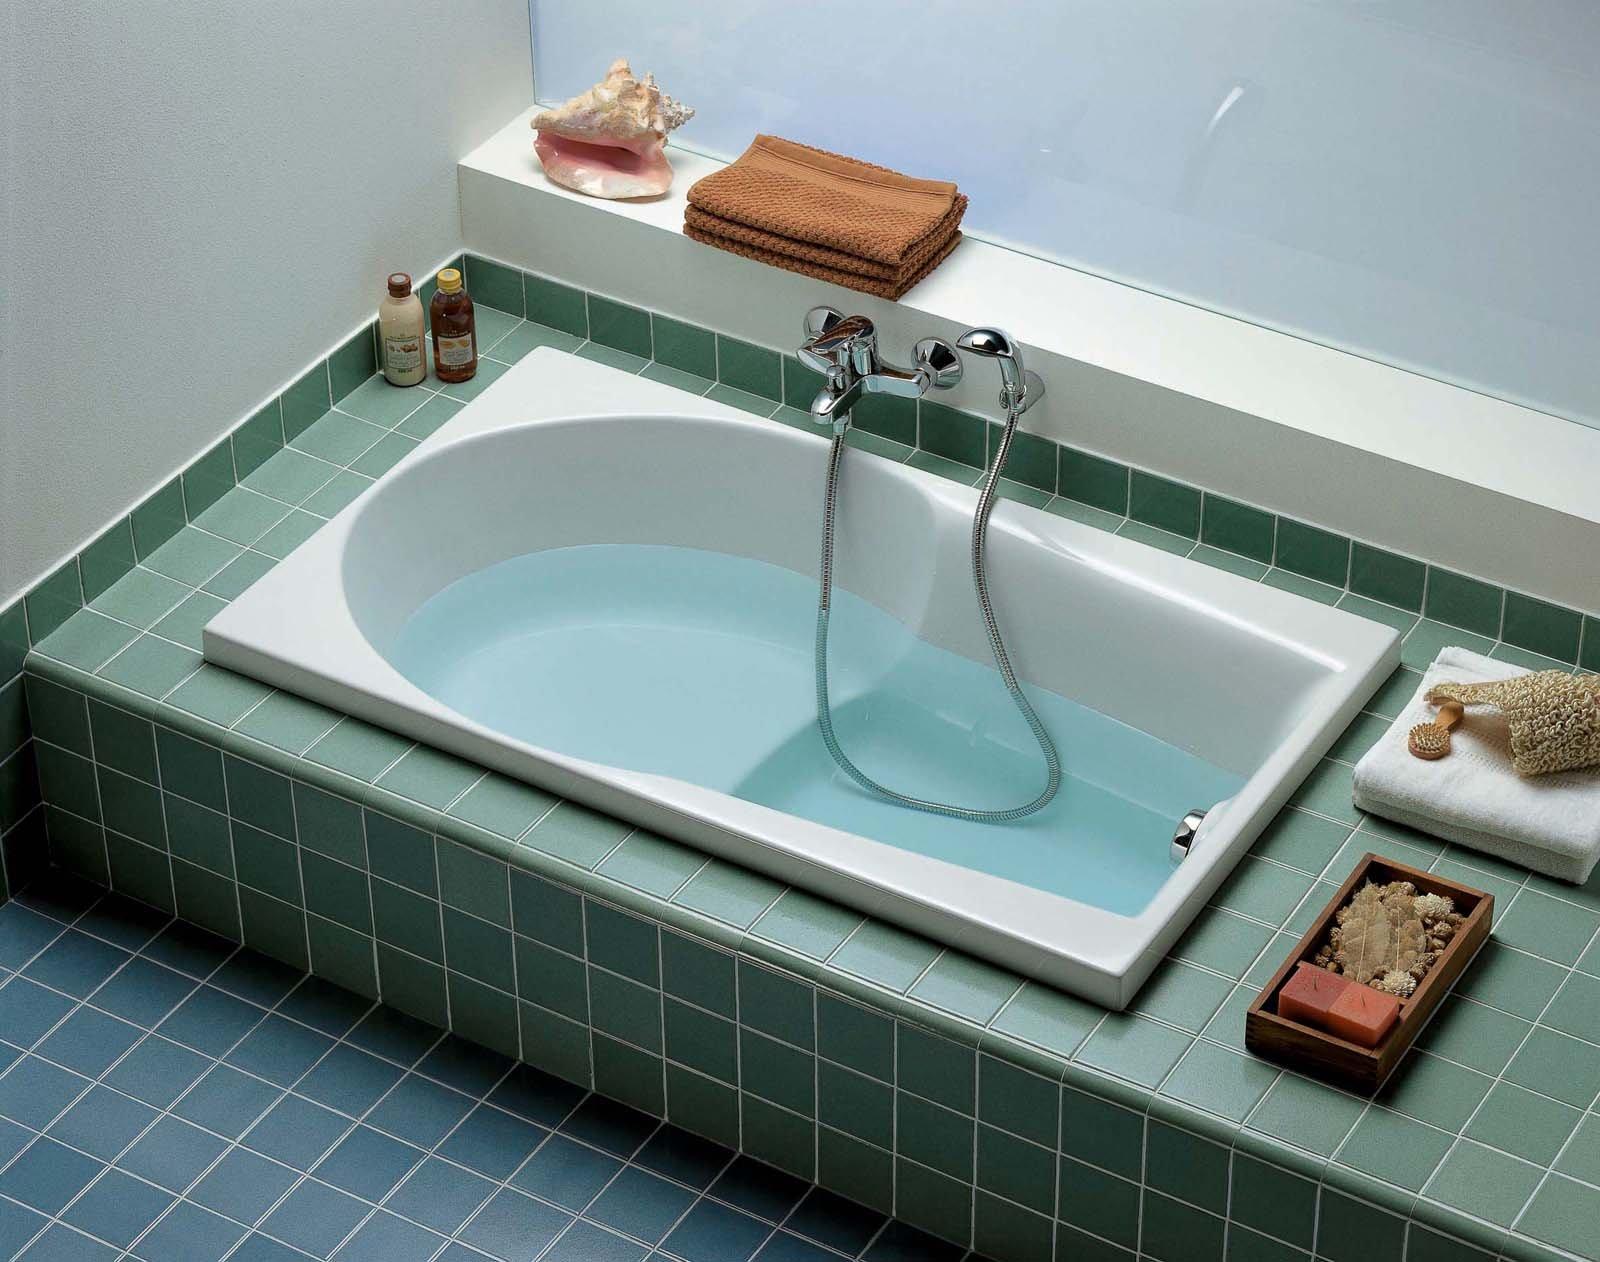 Vasca Da Bagno Quadrata Misure : Vasca da bagno quadrata dimensioni